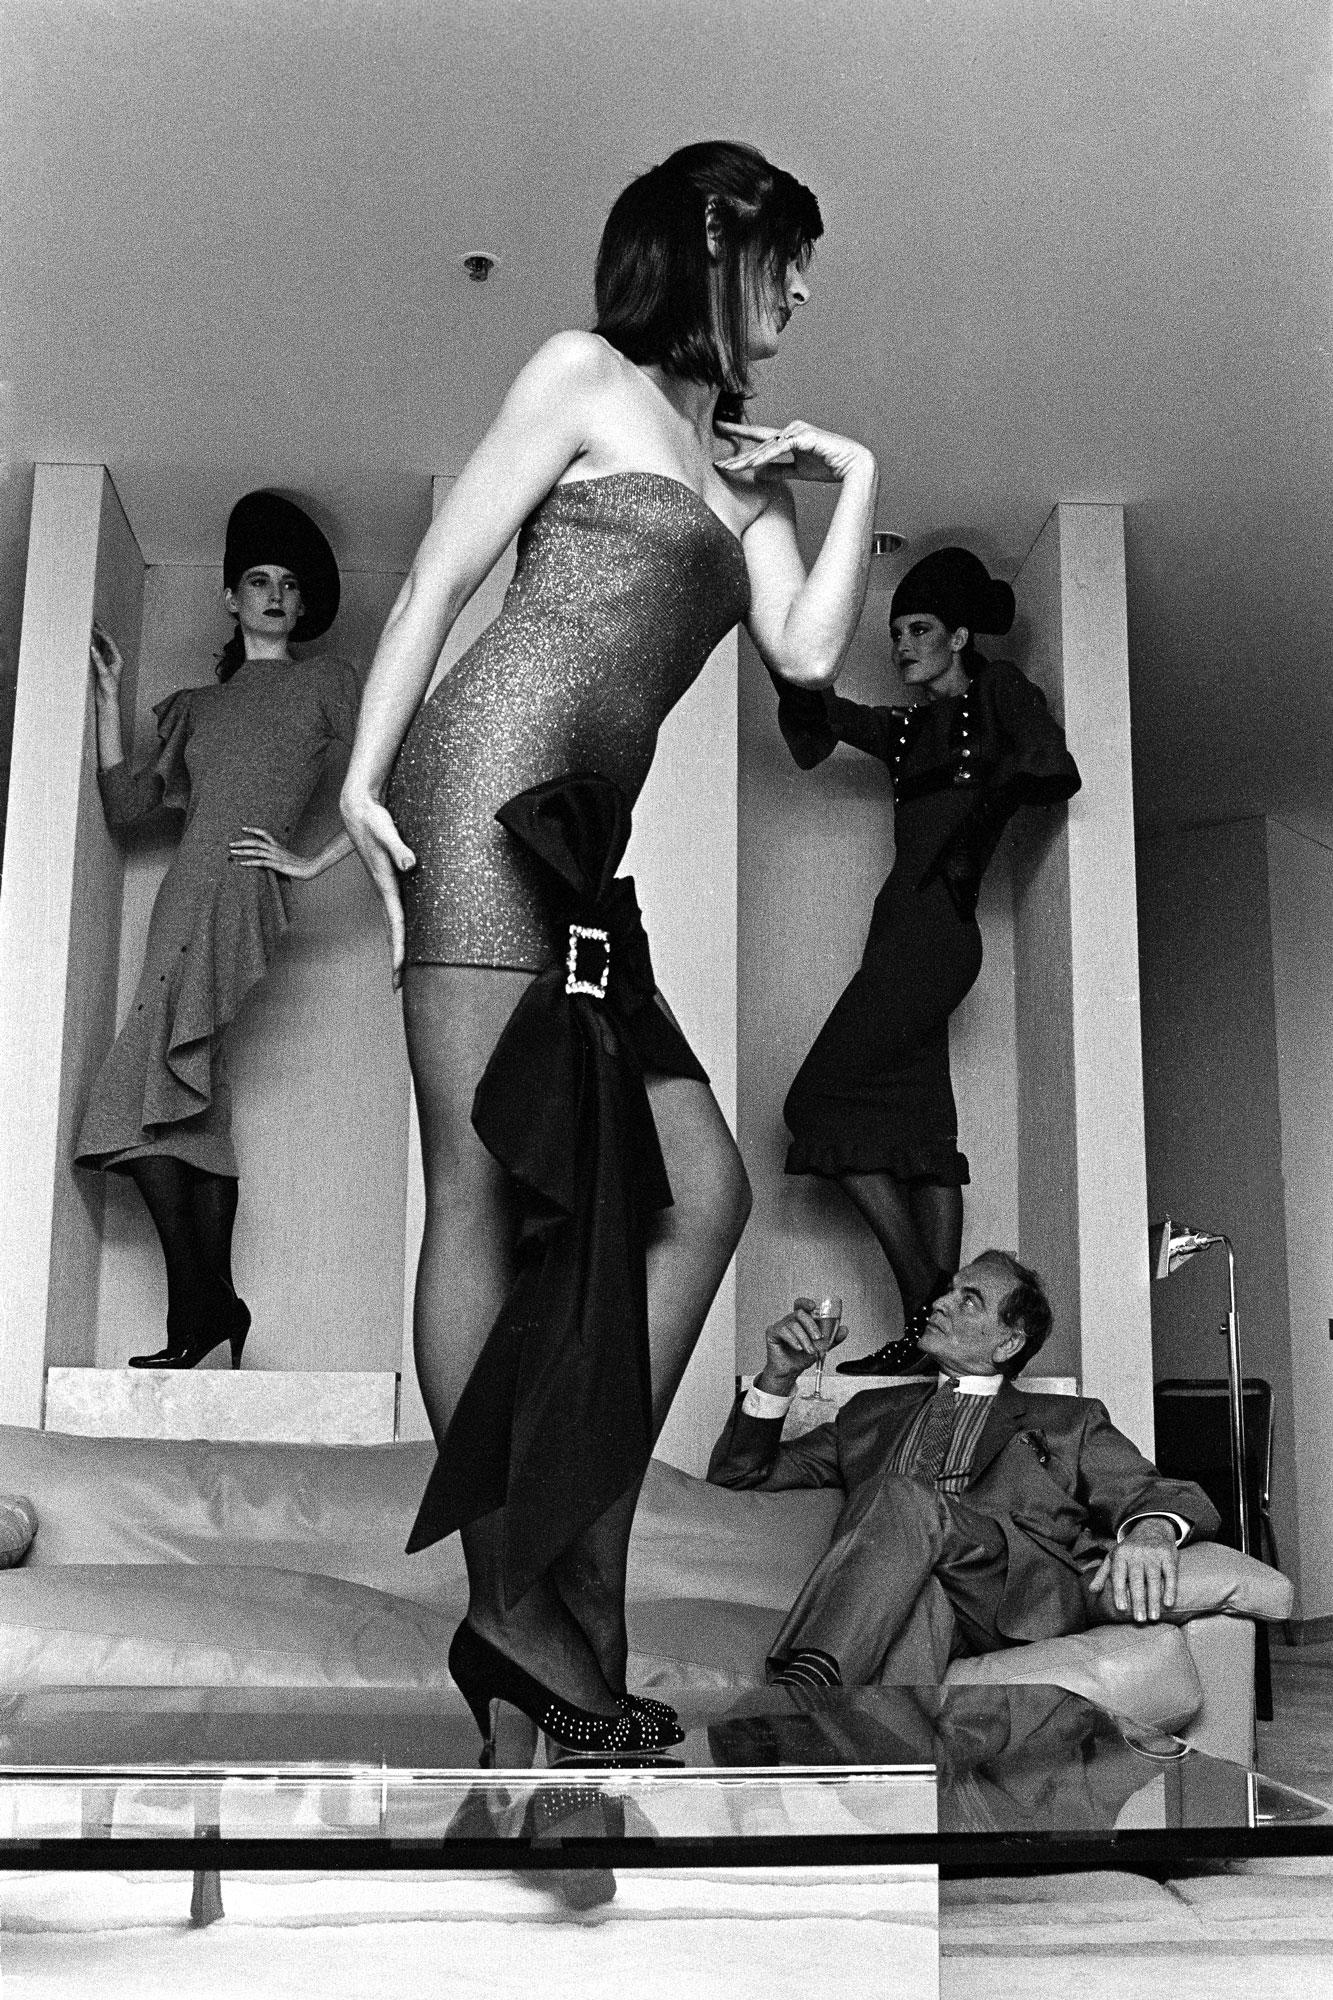 Neil Duncan - Cardin and model 1975